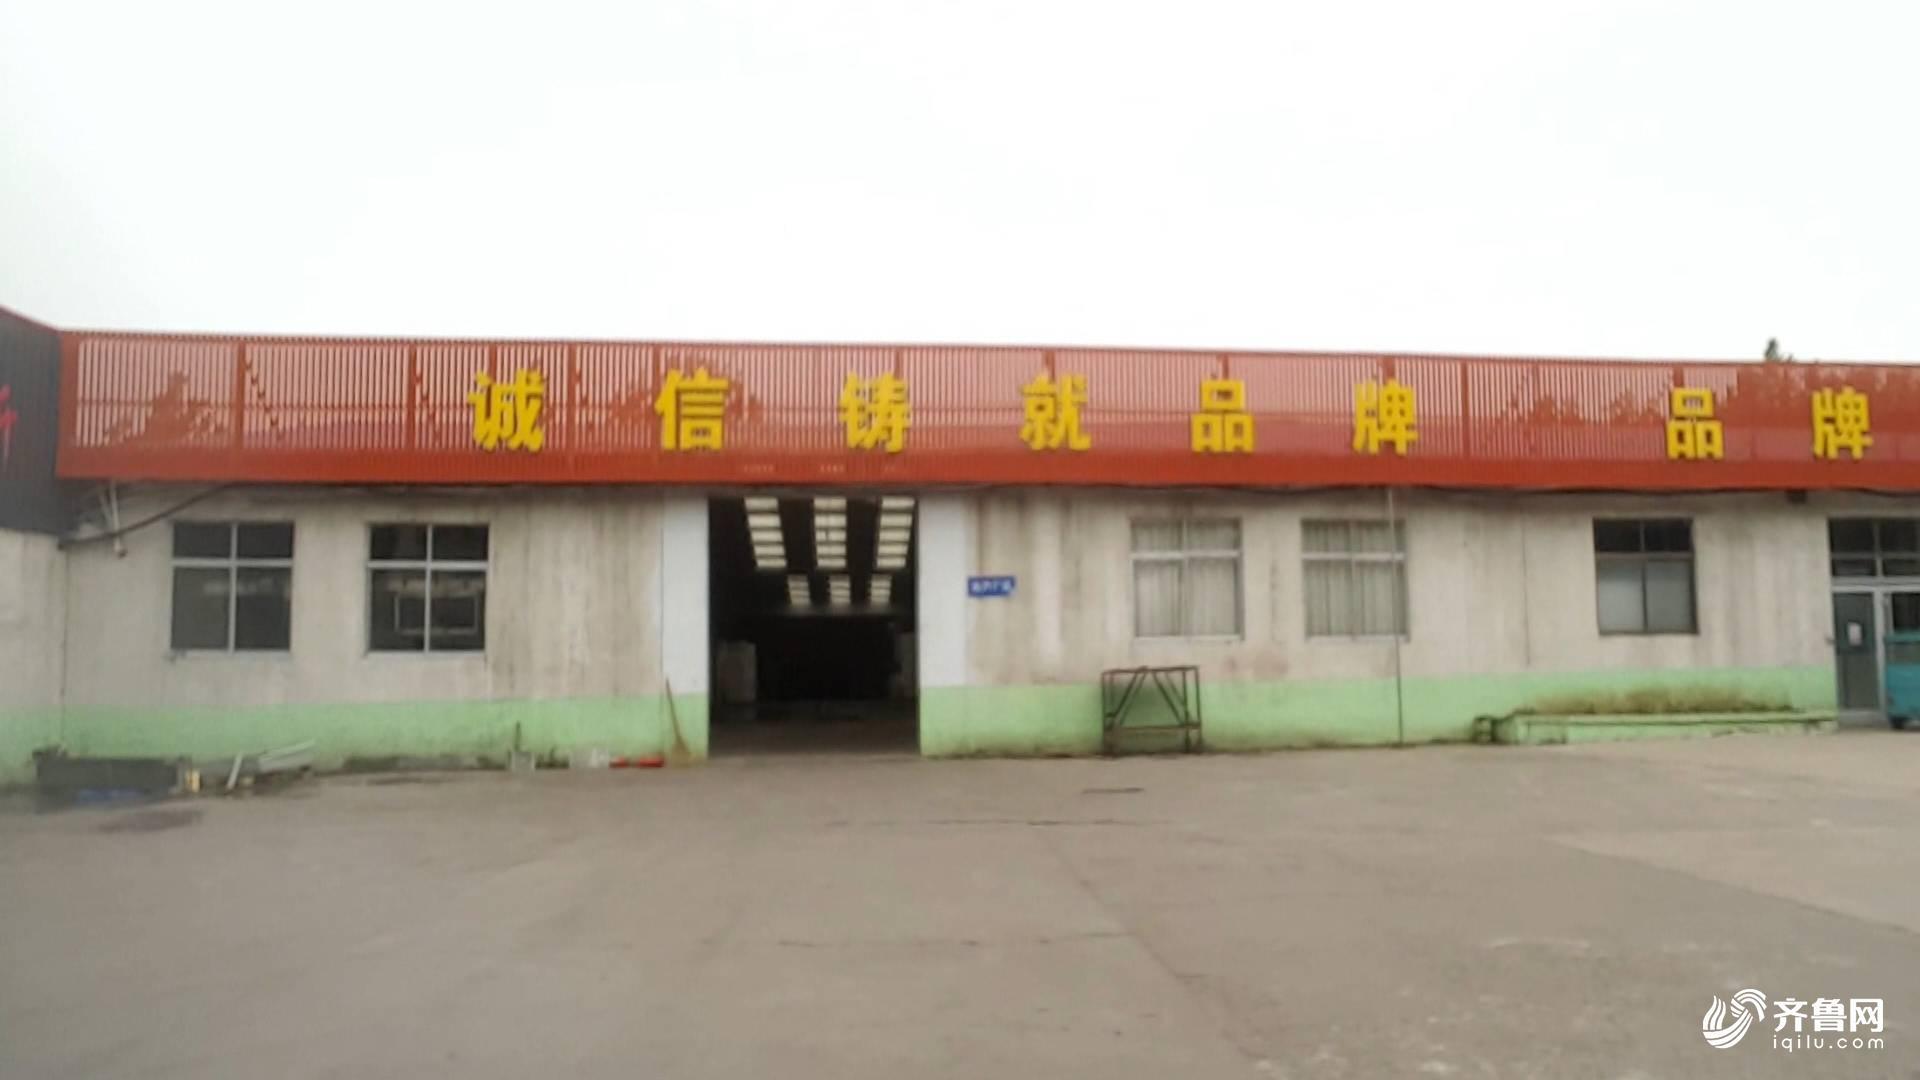 问政山东丨有啥内幕?枣庄40多家饮料生产企业同时停产,还一年三次!